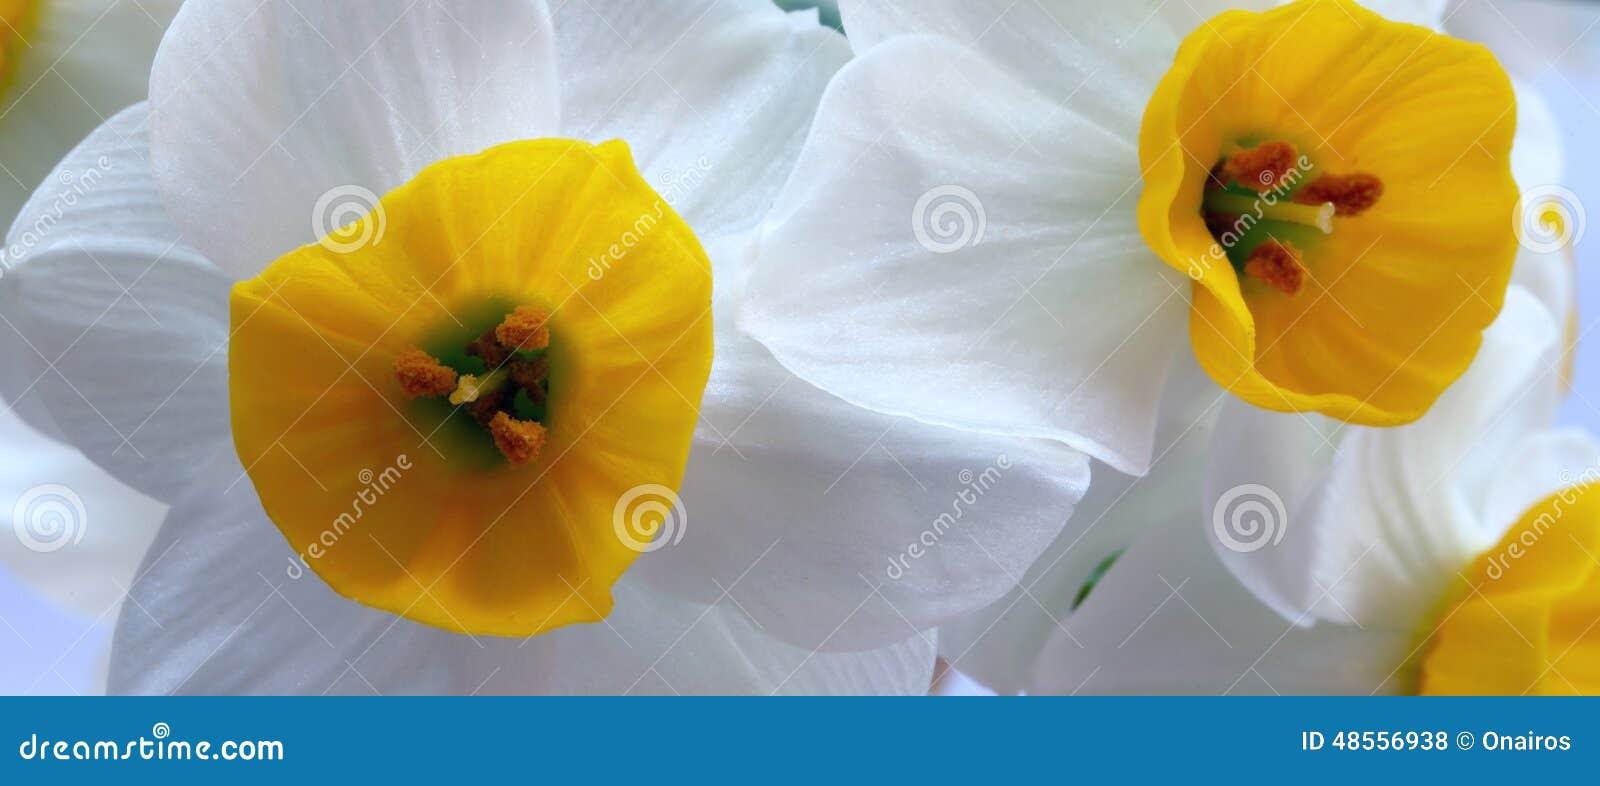 Fiori bianchi e gialli fotografia stock immagine di for Nomi fiori bianchi e gialli